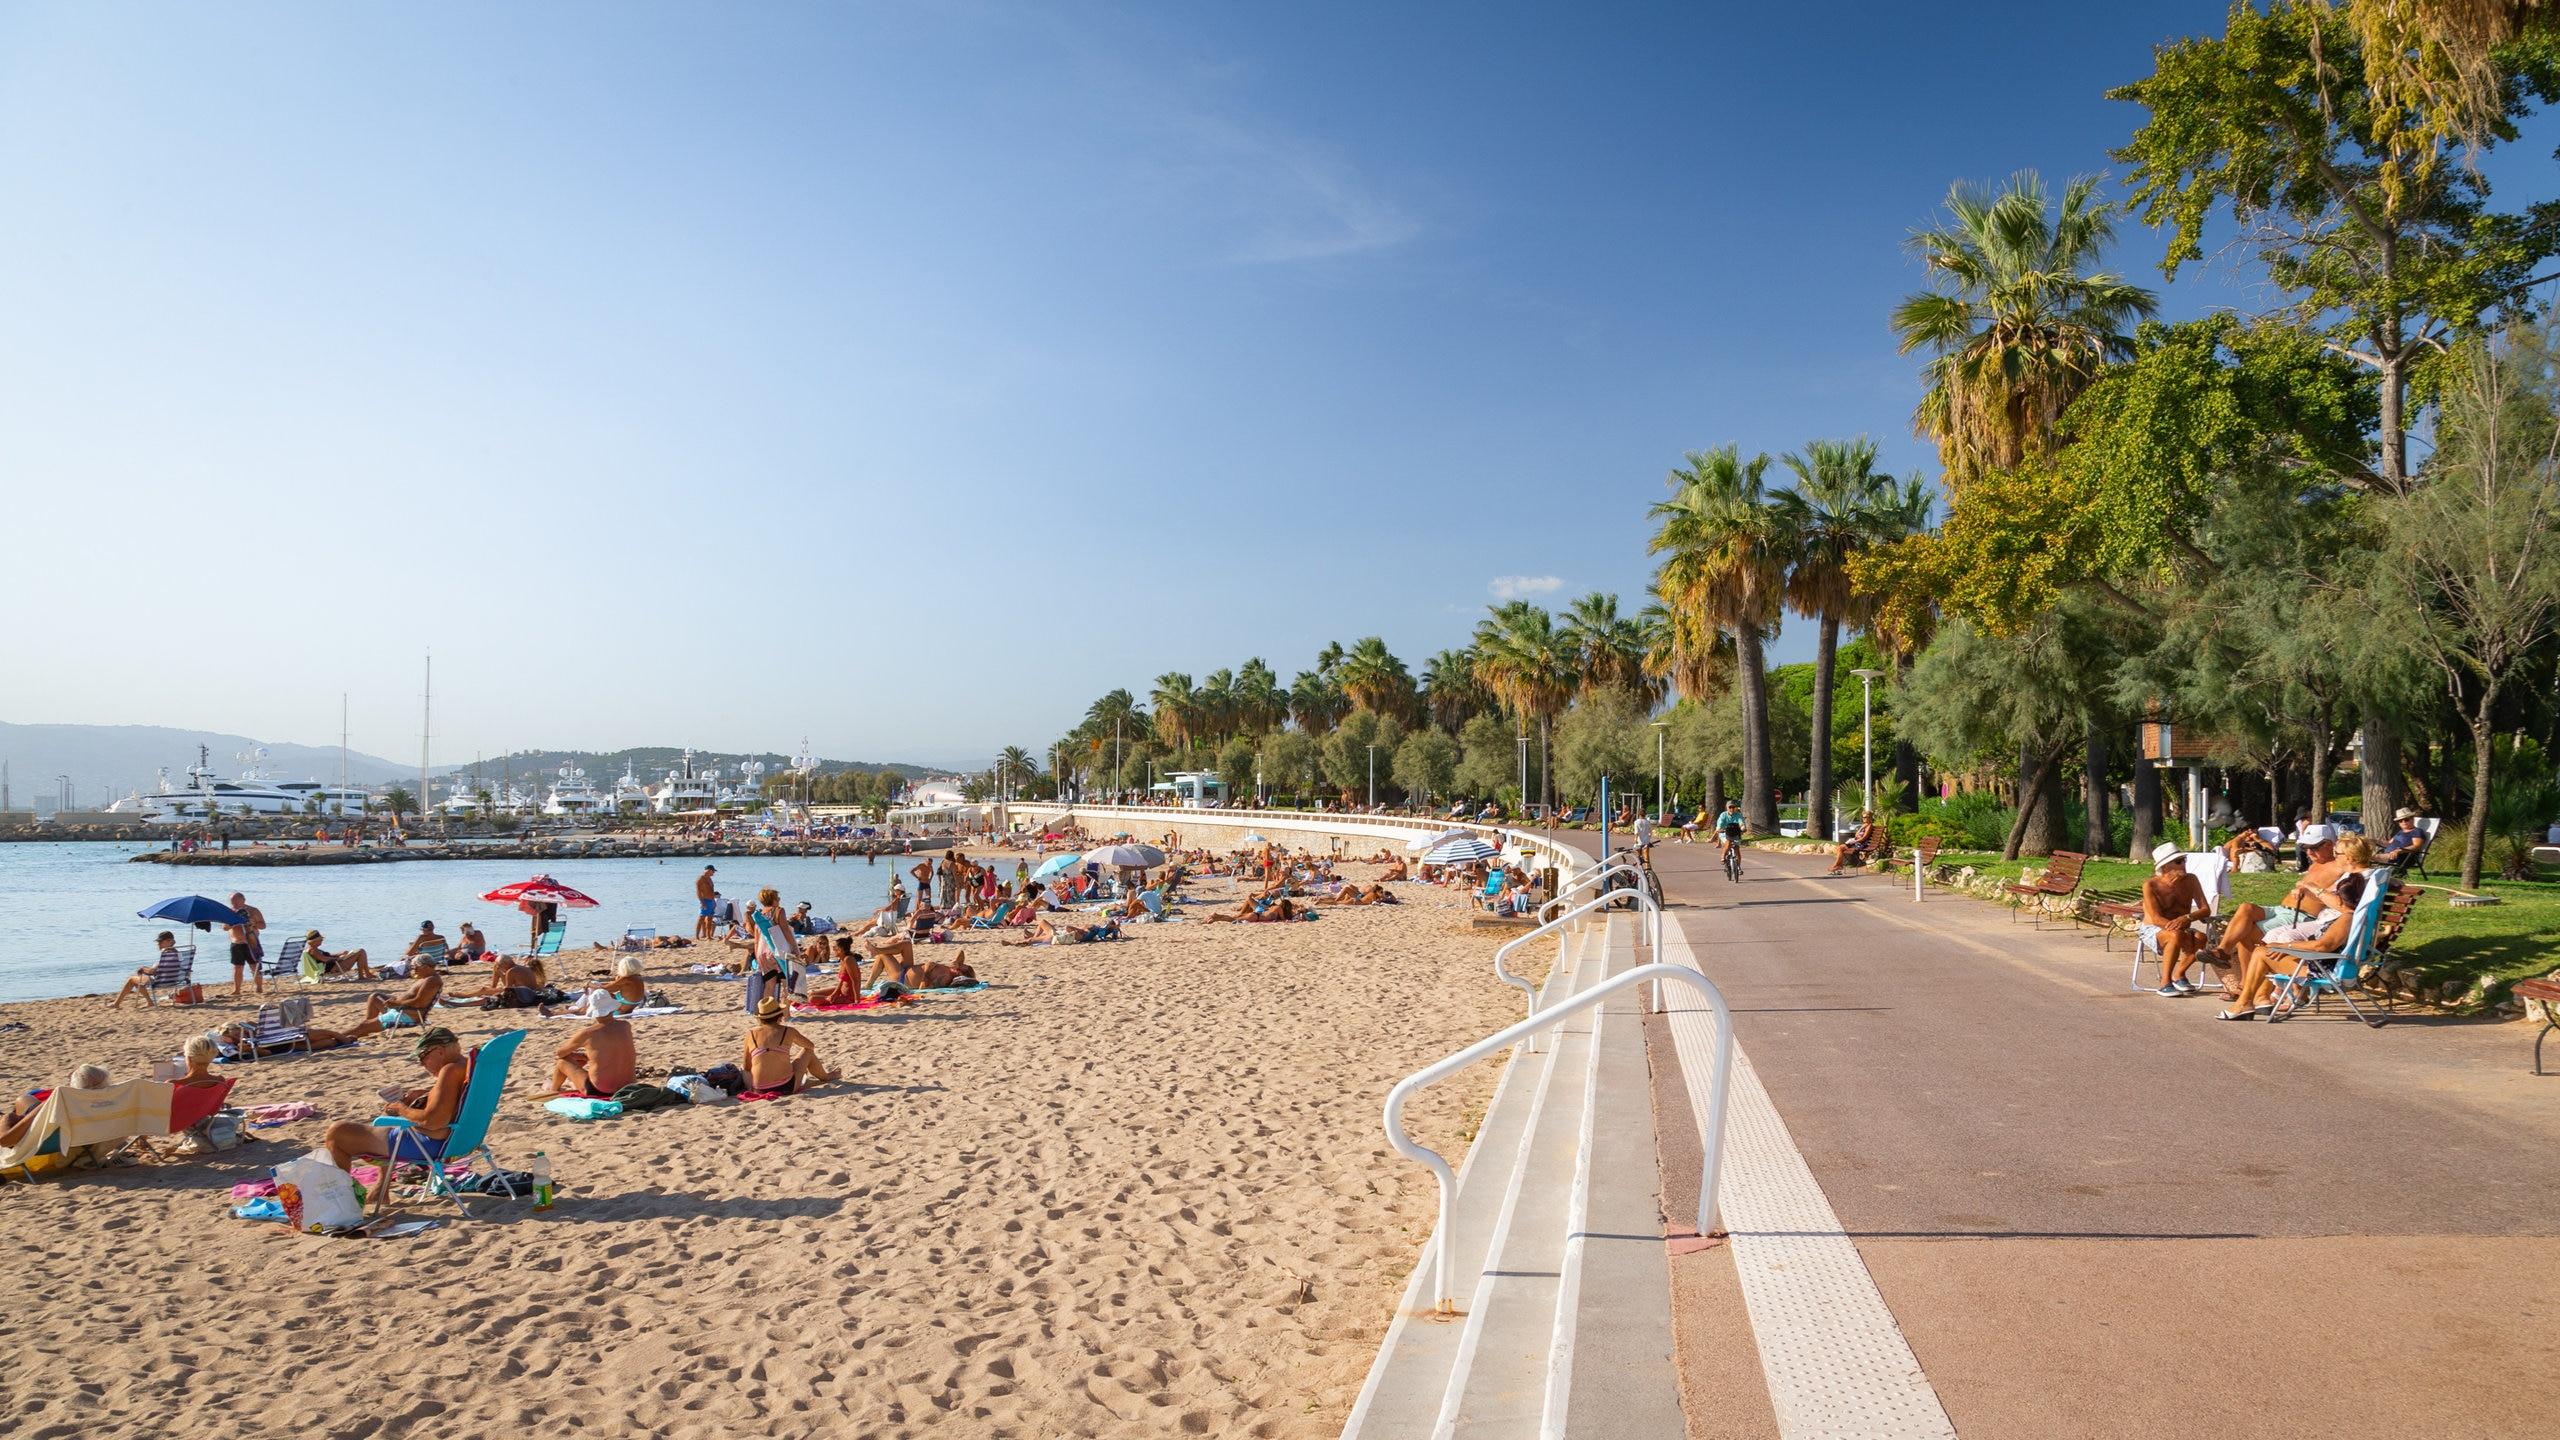 Pointe Croisette, Cannes, Département Alpes-Maritimes, Frankreich